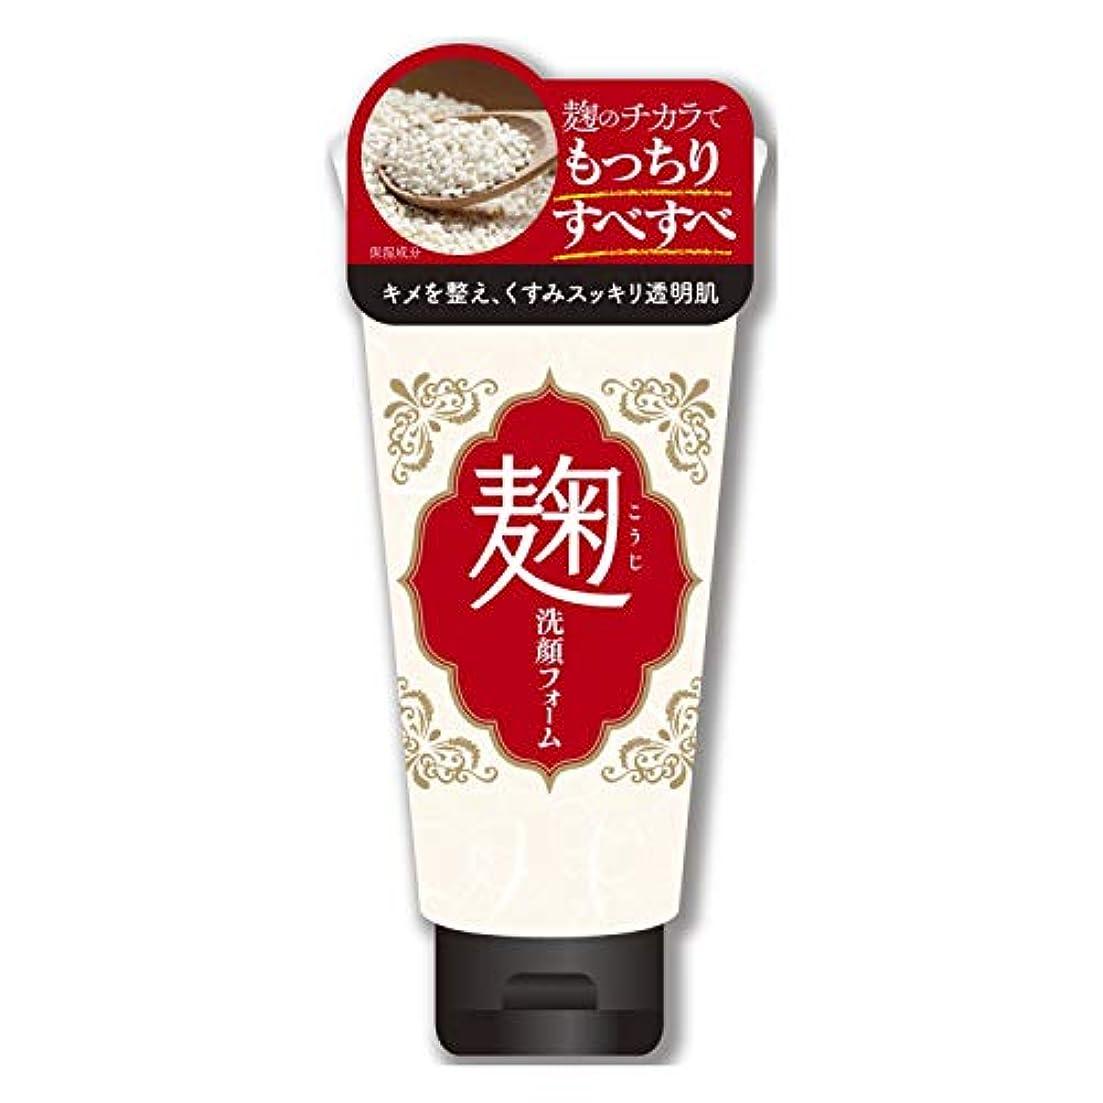 キルスペイント調停者ユゼ 麹配合美肌洗顔フォーム 130g